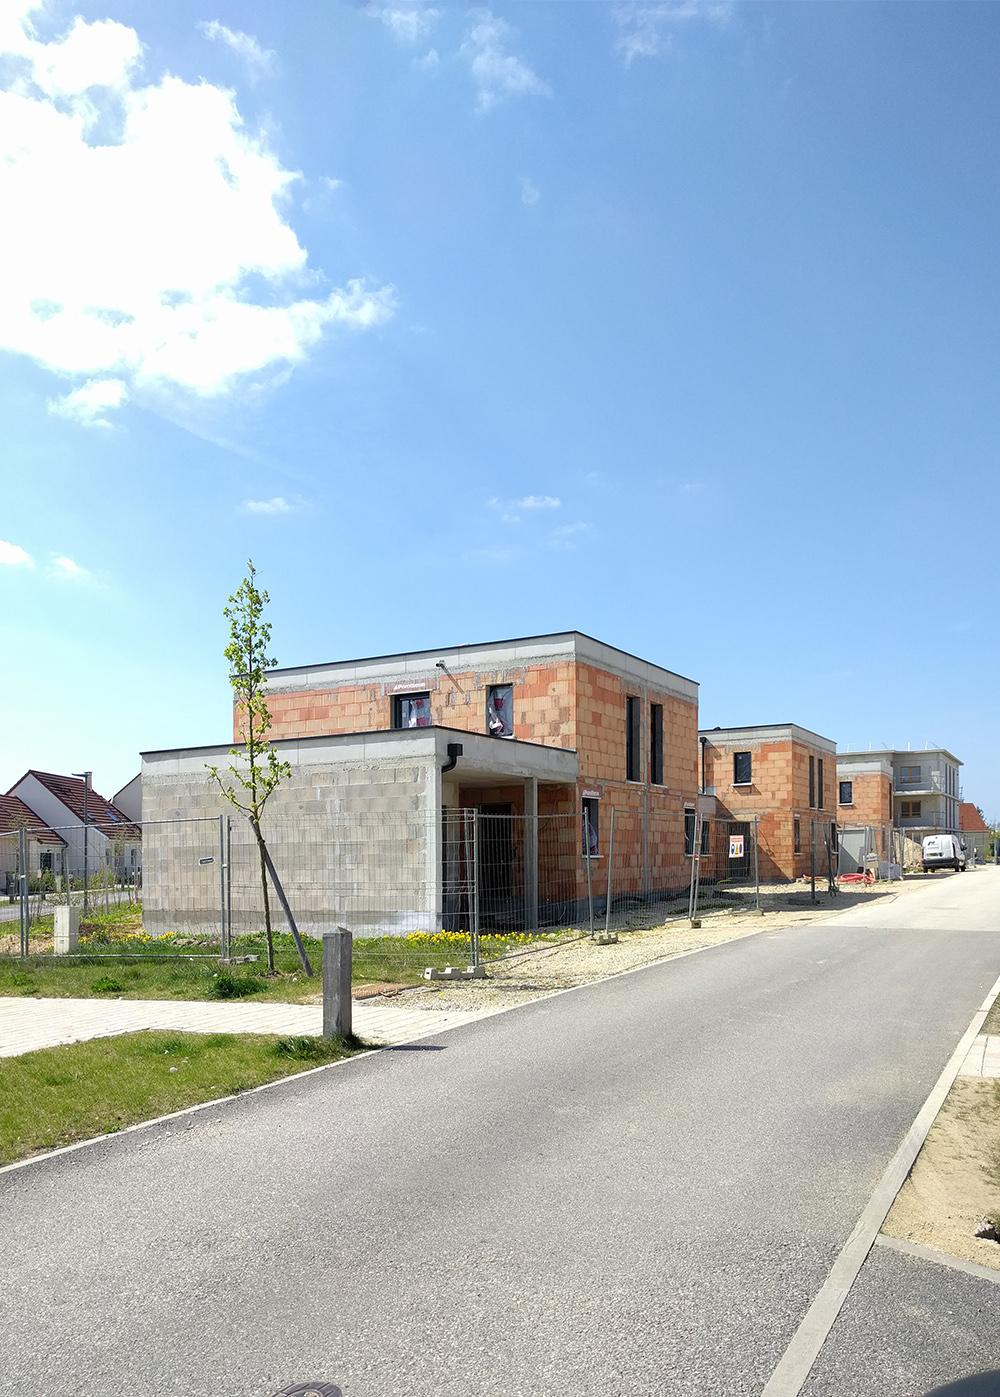 Chouette-architecture-5-logements-en-bande-Bressey-sur-tille-1000-4